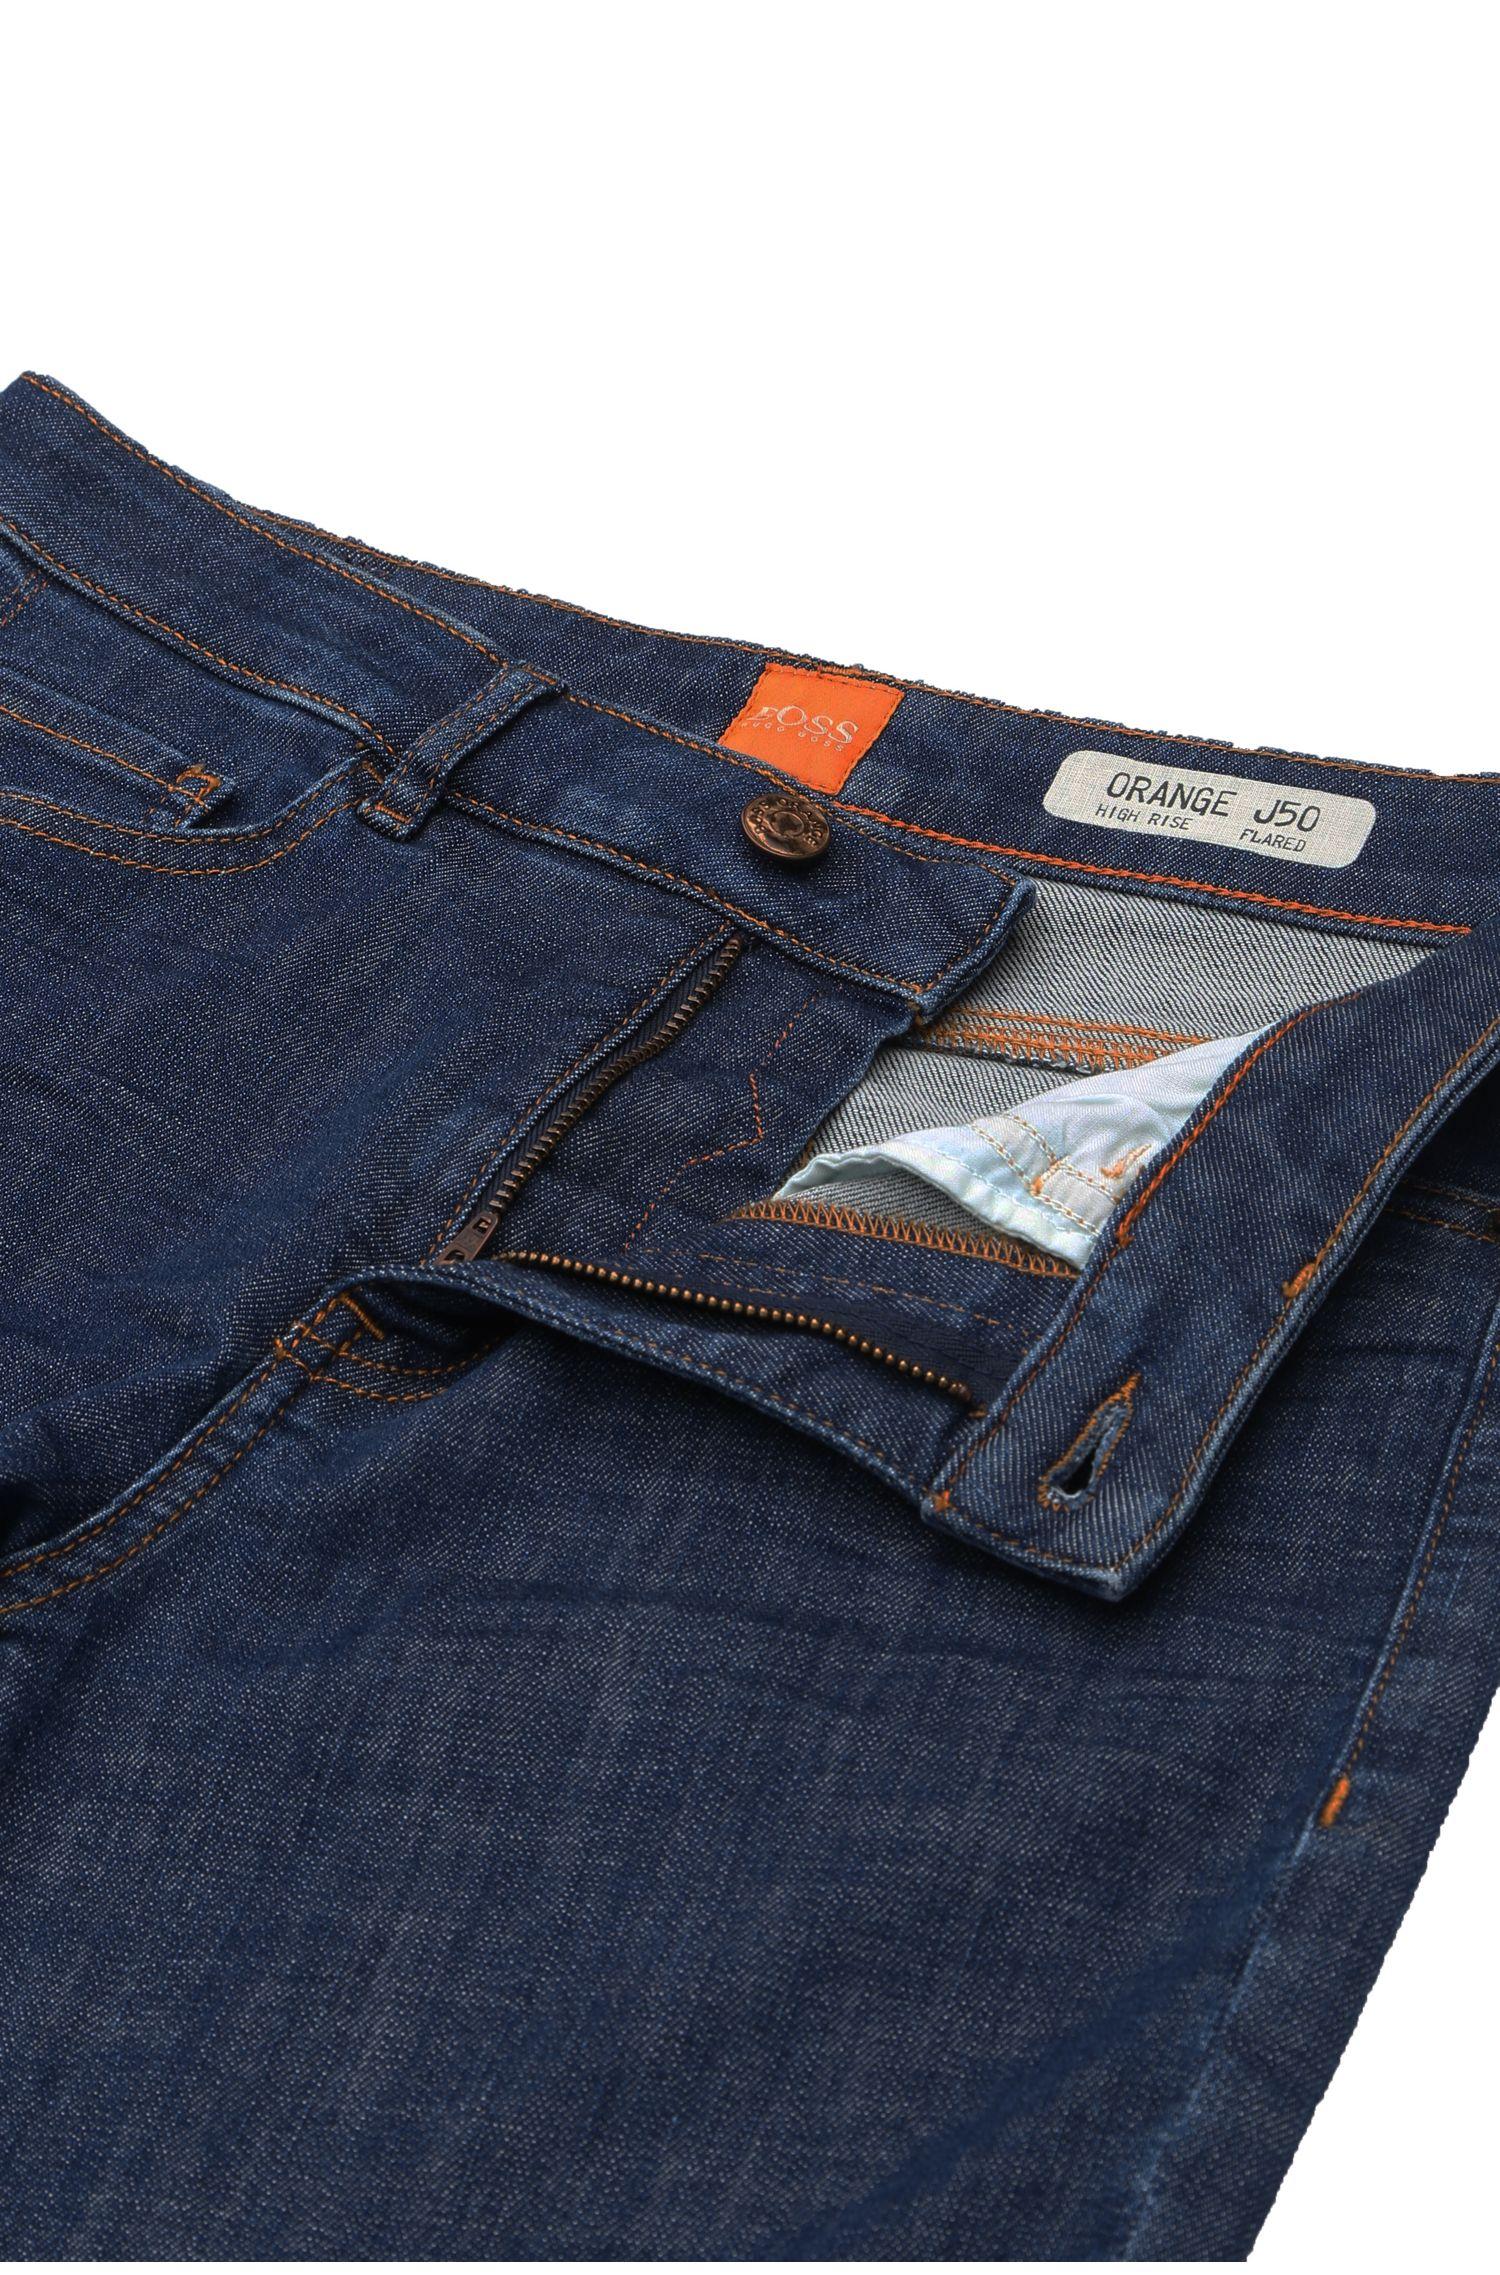 Jeans Flared Leg en coton mélangé à teneur en élasthanne:  «Orange J50 Geneve»